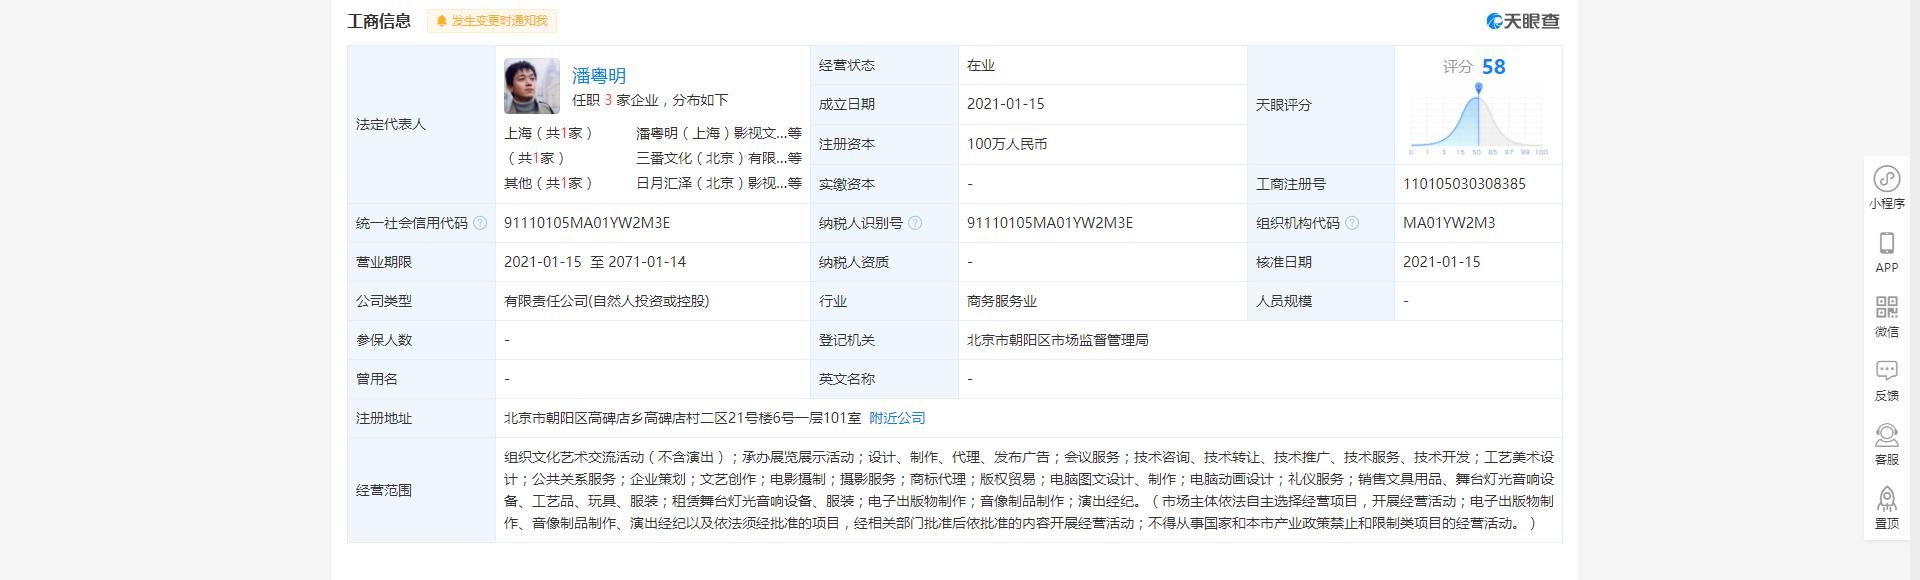 潘粤明成立新公司,经营范围含电影摄制